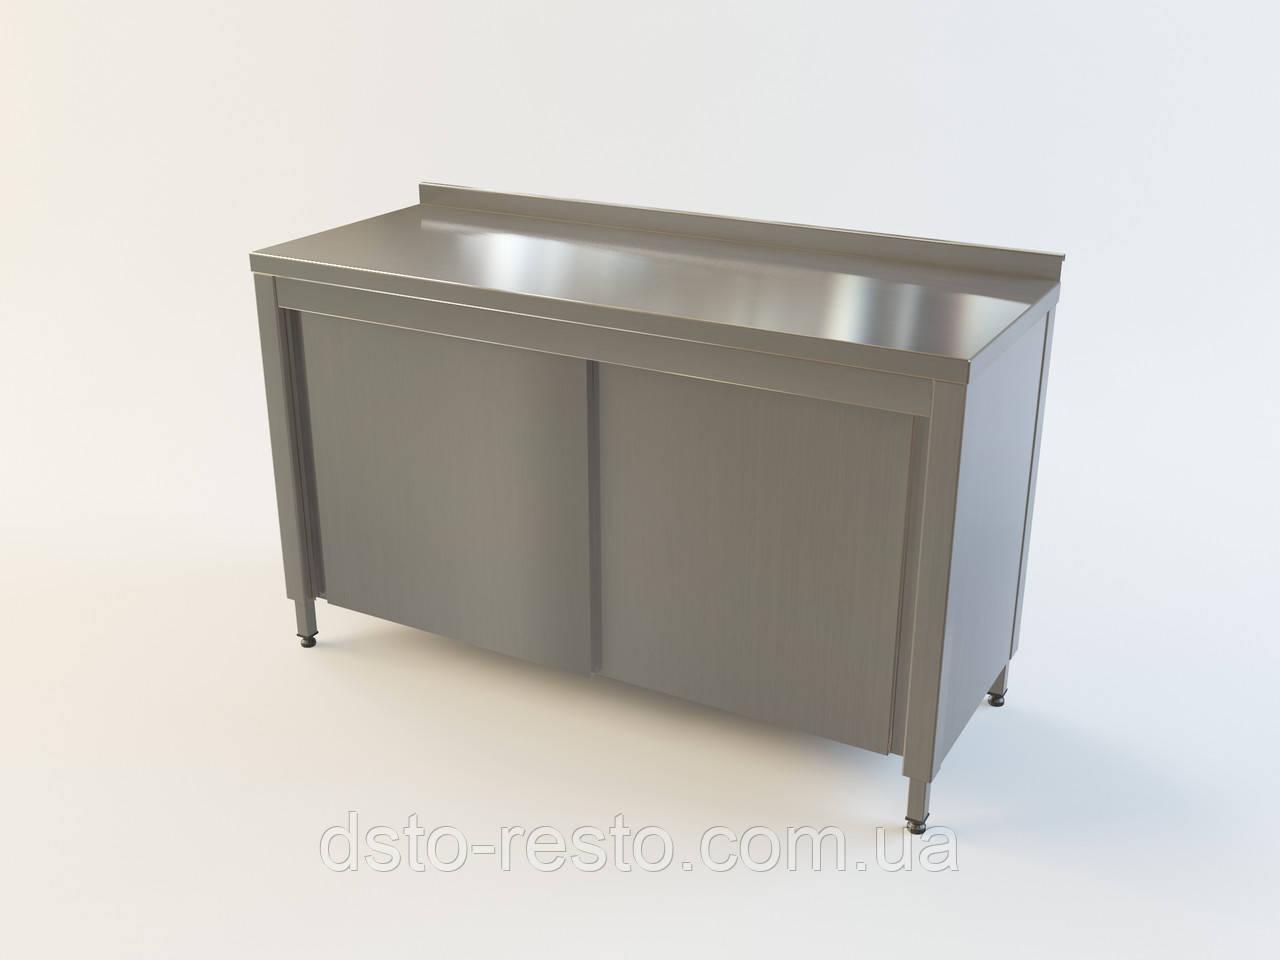 Стіл теплової 1400/600/850 мм